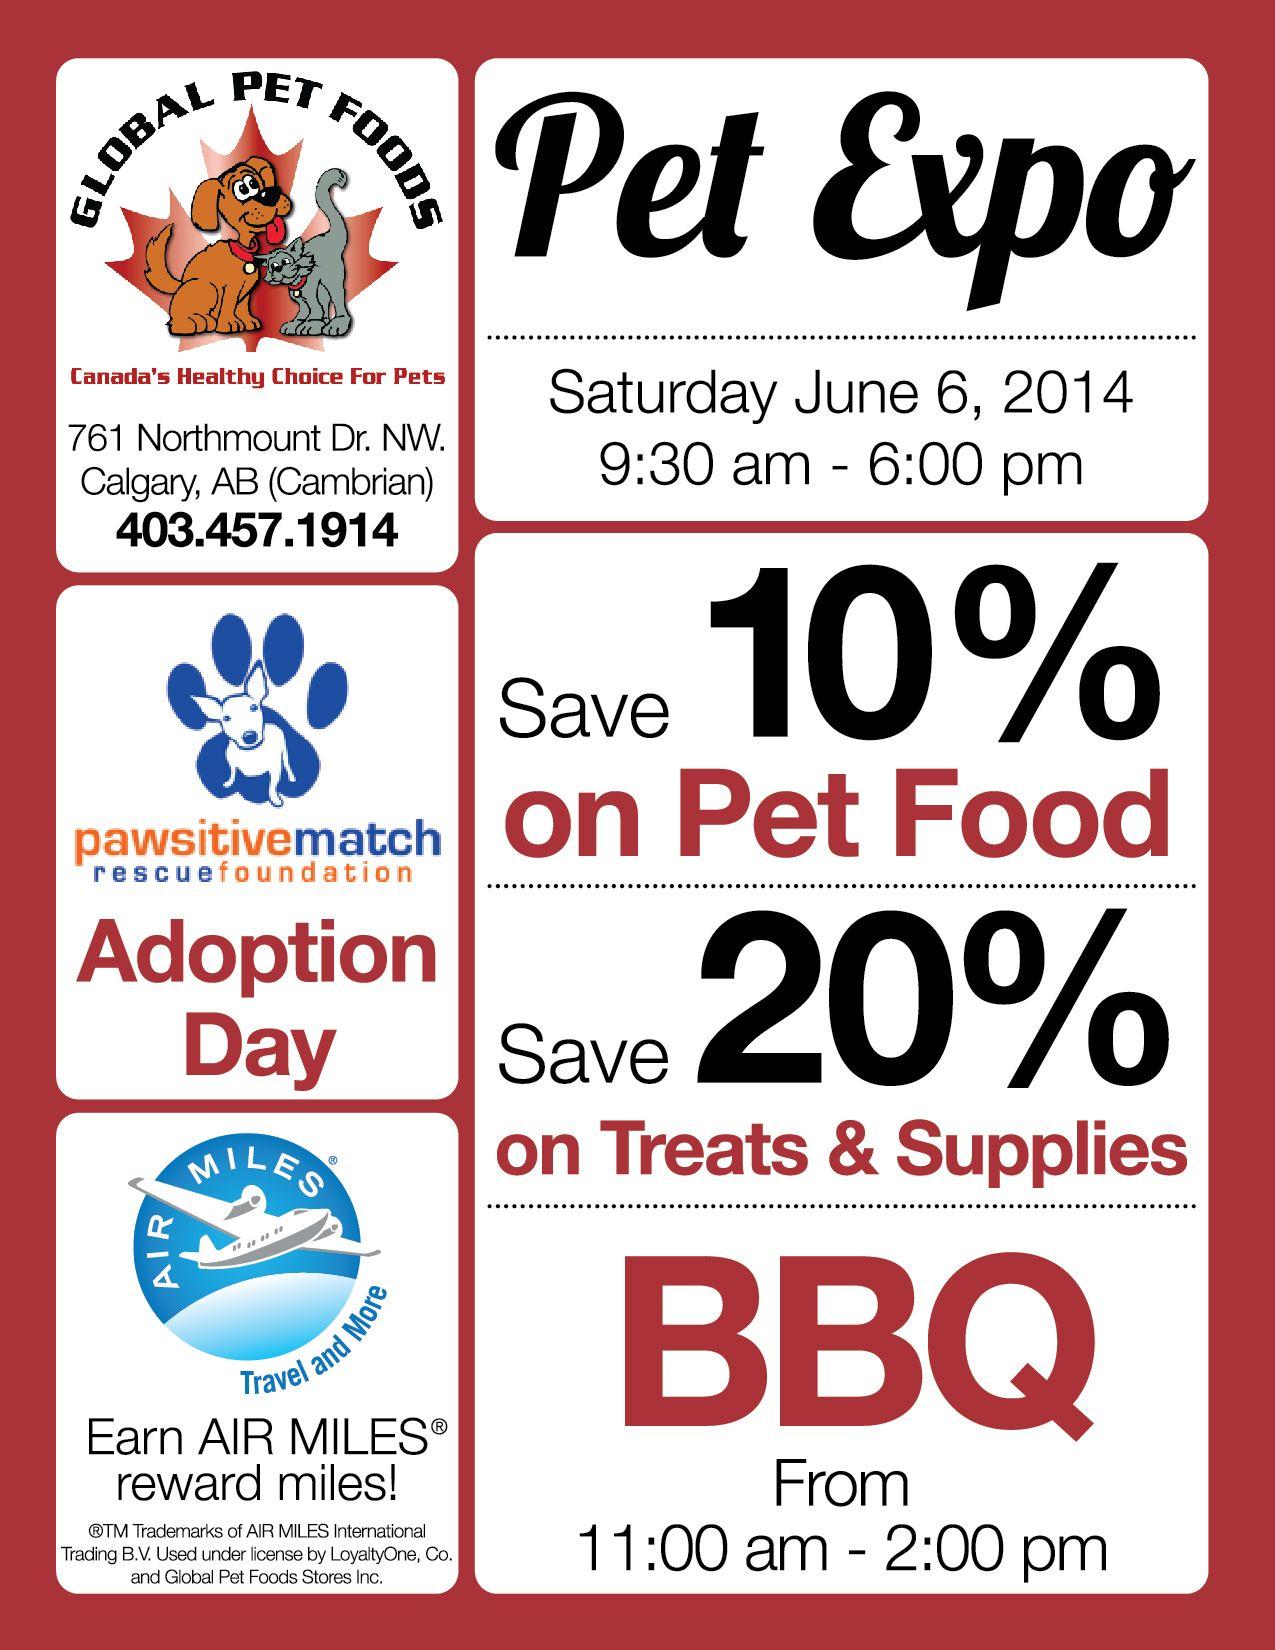 Visit the Global Pet Foods store in Calgary, Alberta